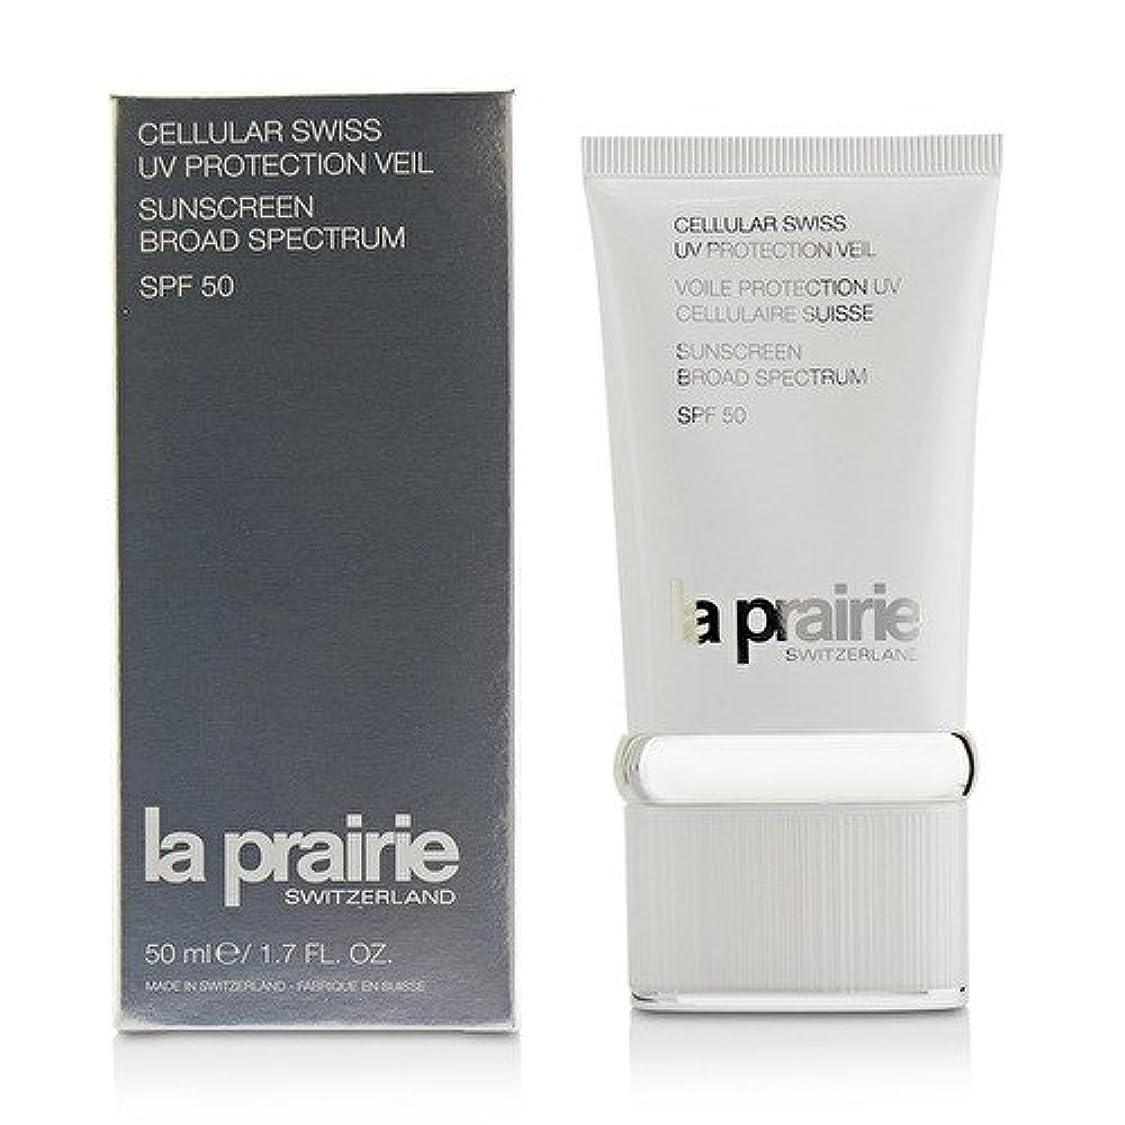 悲しいことに注意精査ラプレリー Cellular Swiss UV Protection Veil SPF50 50ml/1.7oz並行輸入品